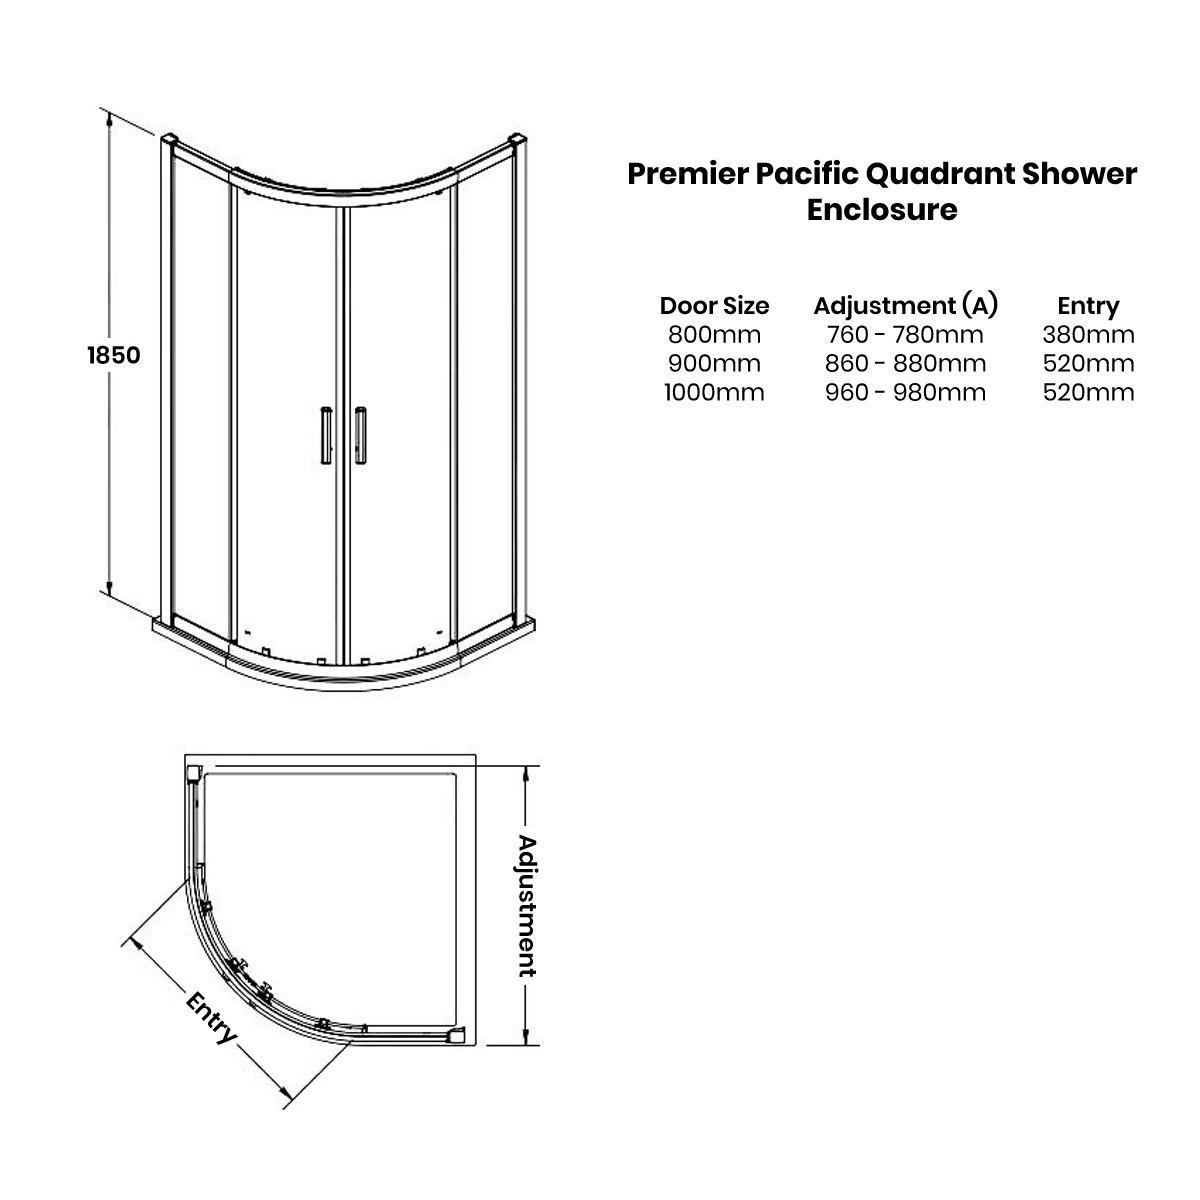 Premier Pacific Quadrant Shower Enclosure Dimensions